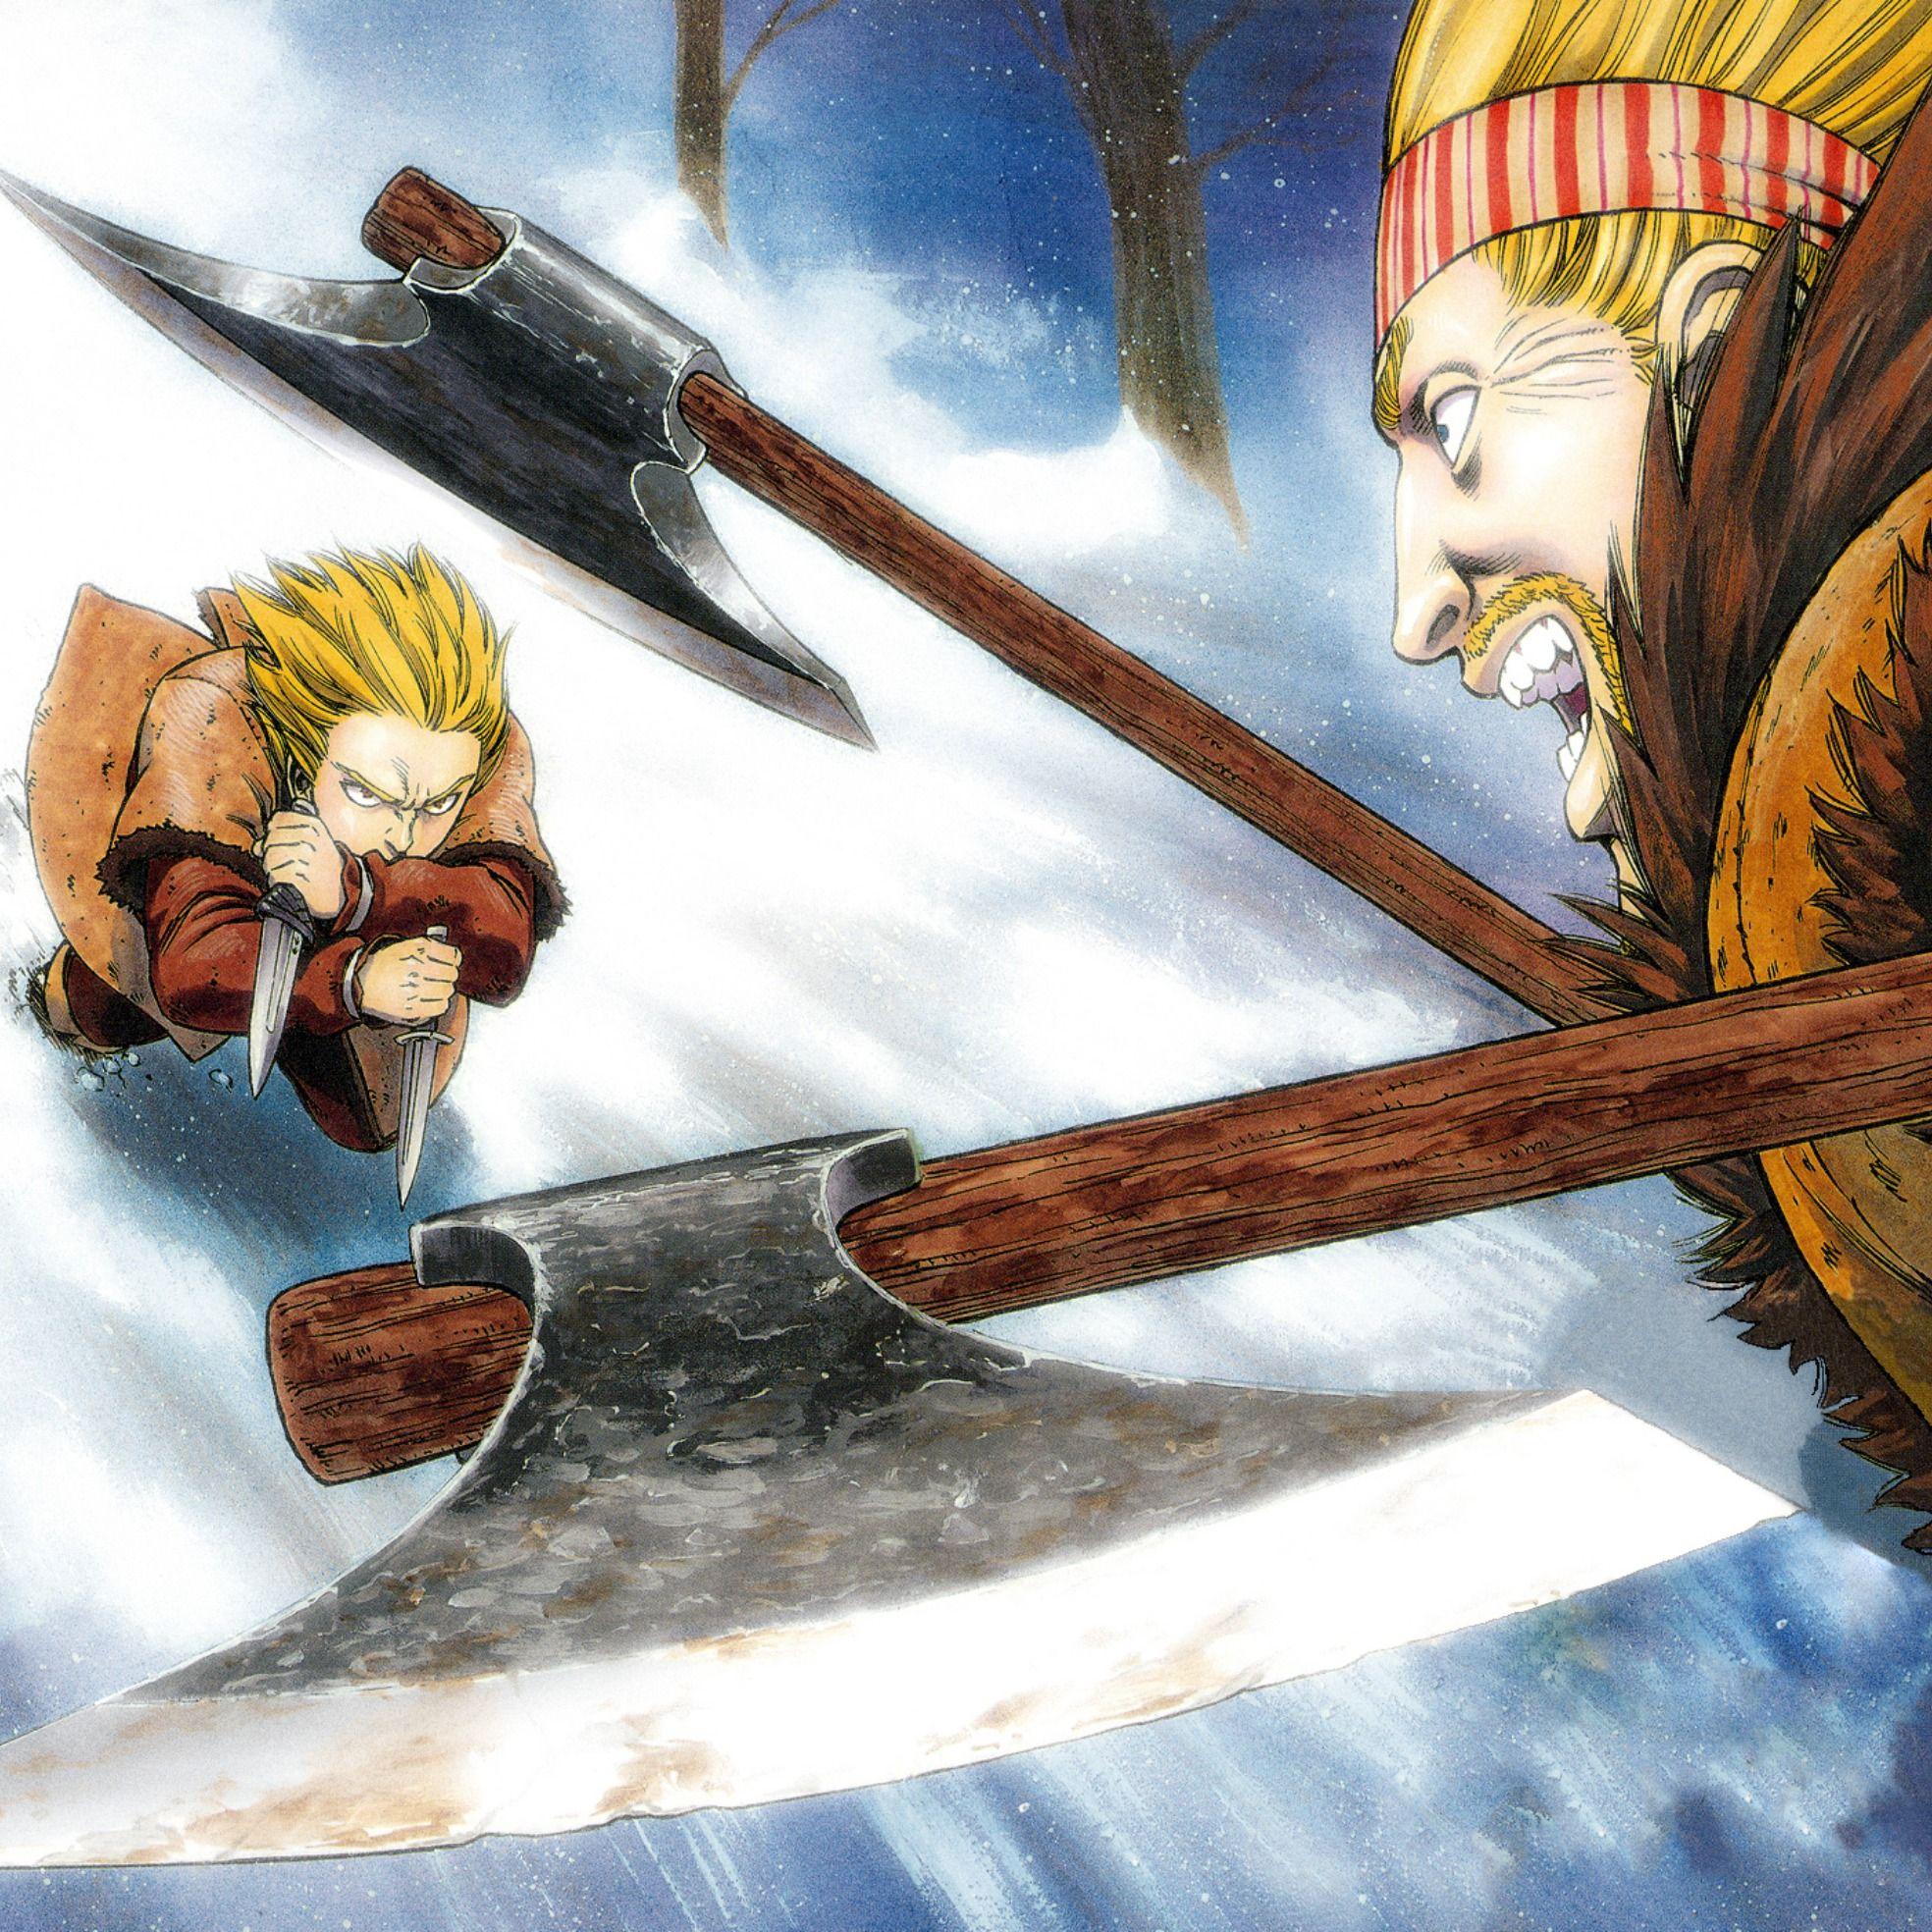 Vinland Saga O anime pra quem curte Vikings e batalhas